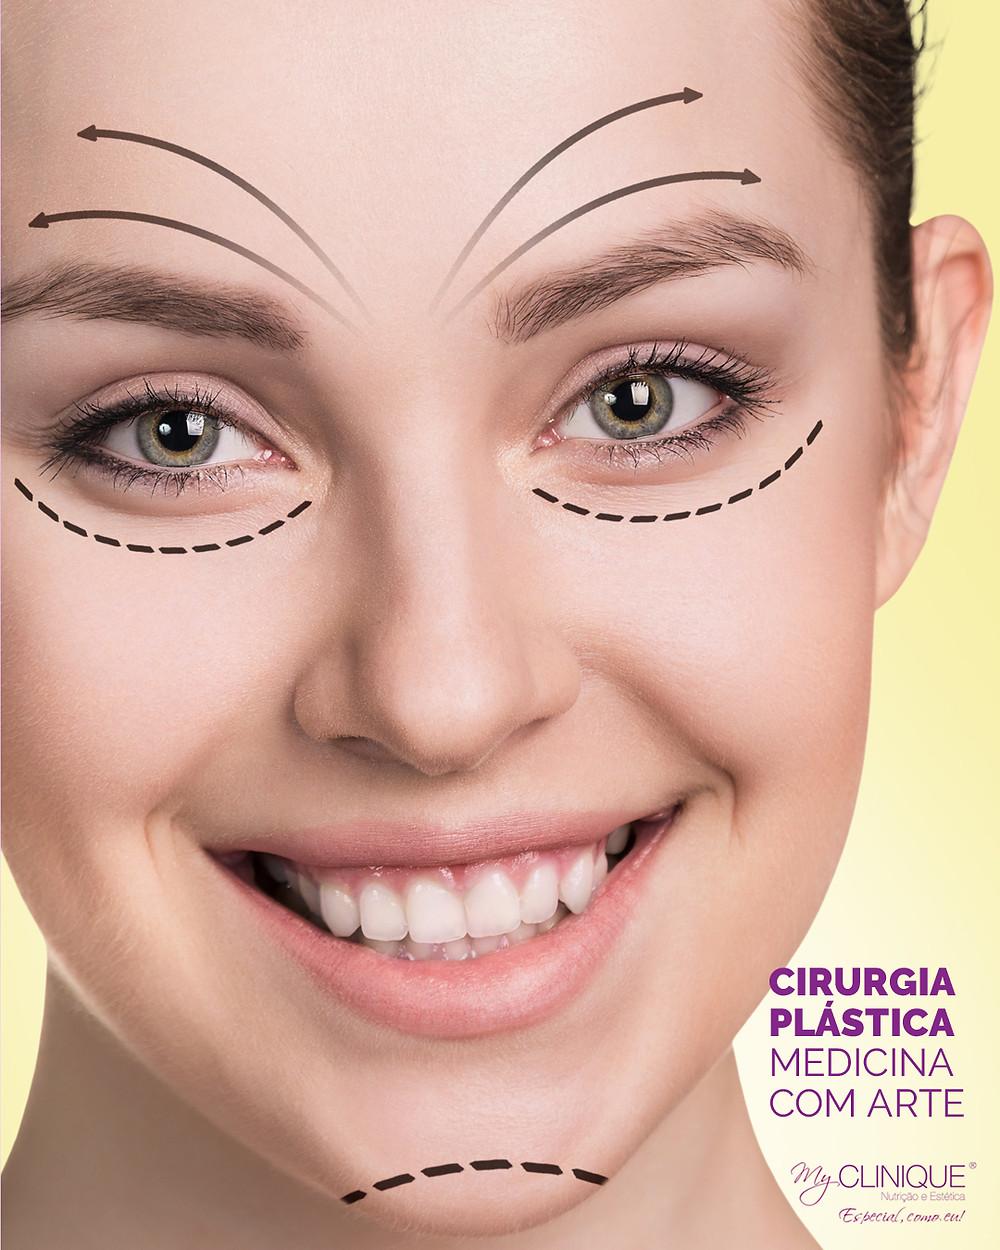 myclinique cirurgia plastica rosto